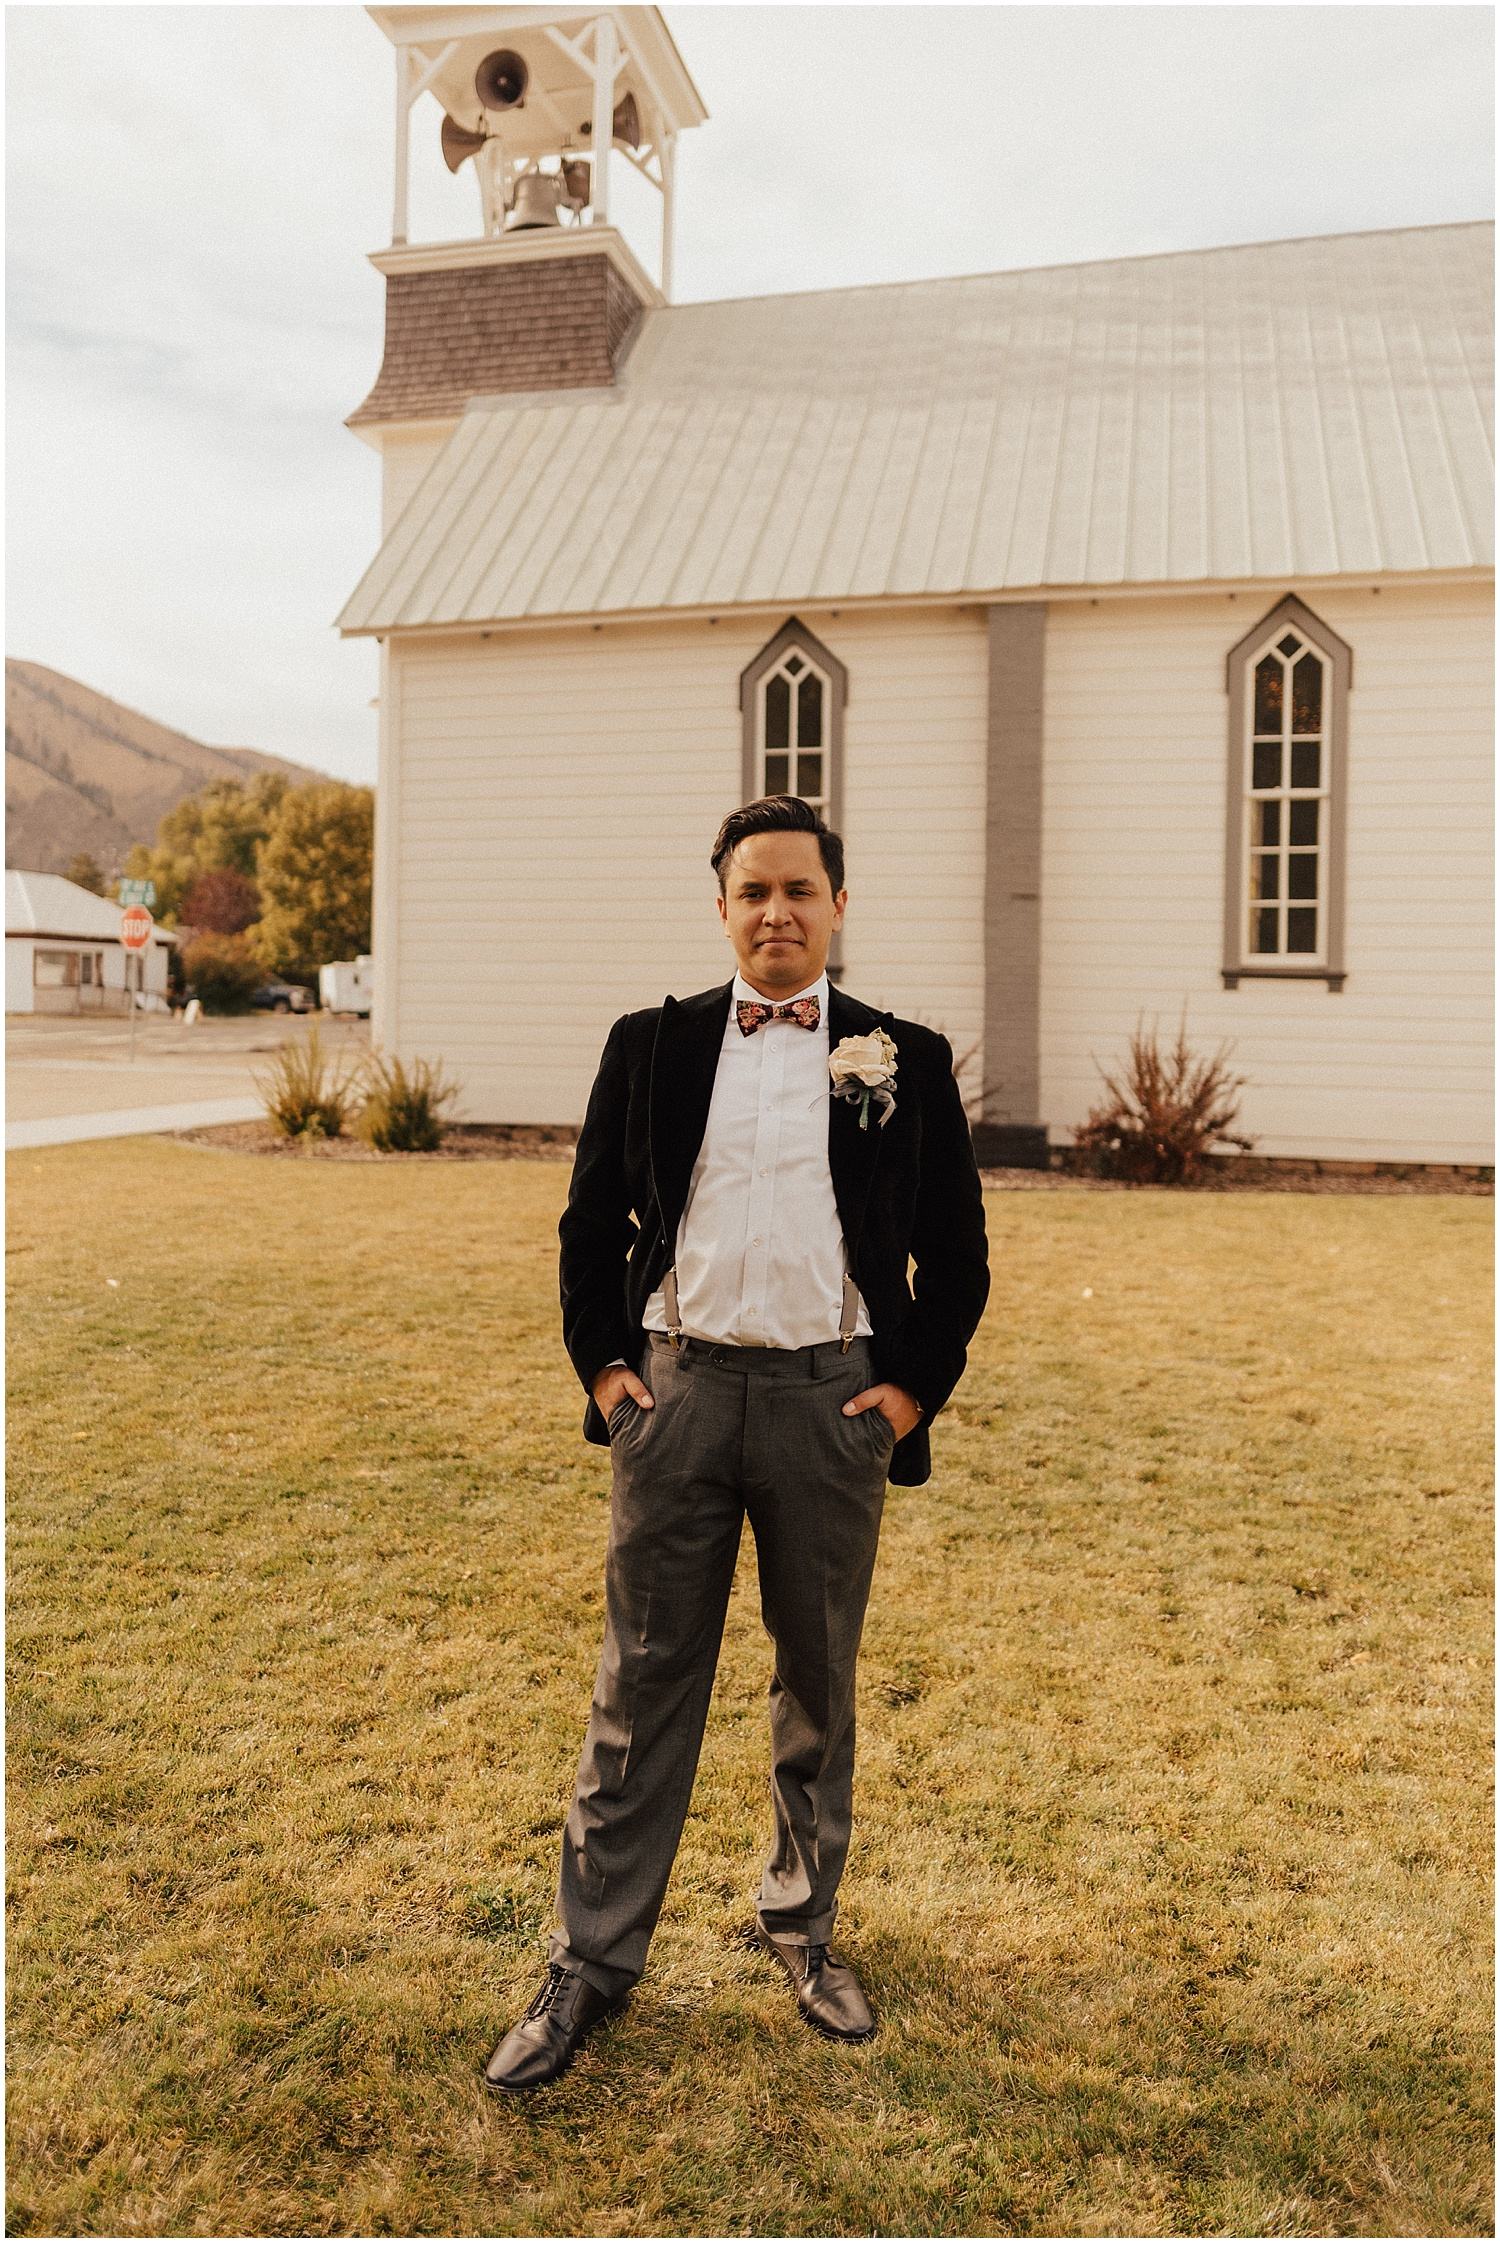 church-wedding-industrial-reception-sunvalley-idaho54.jpg